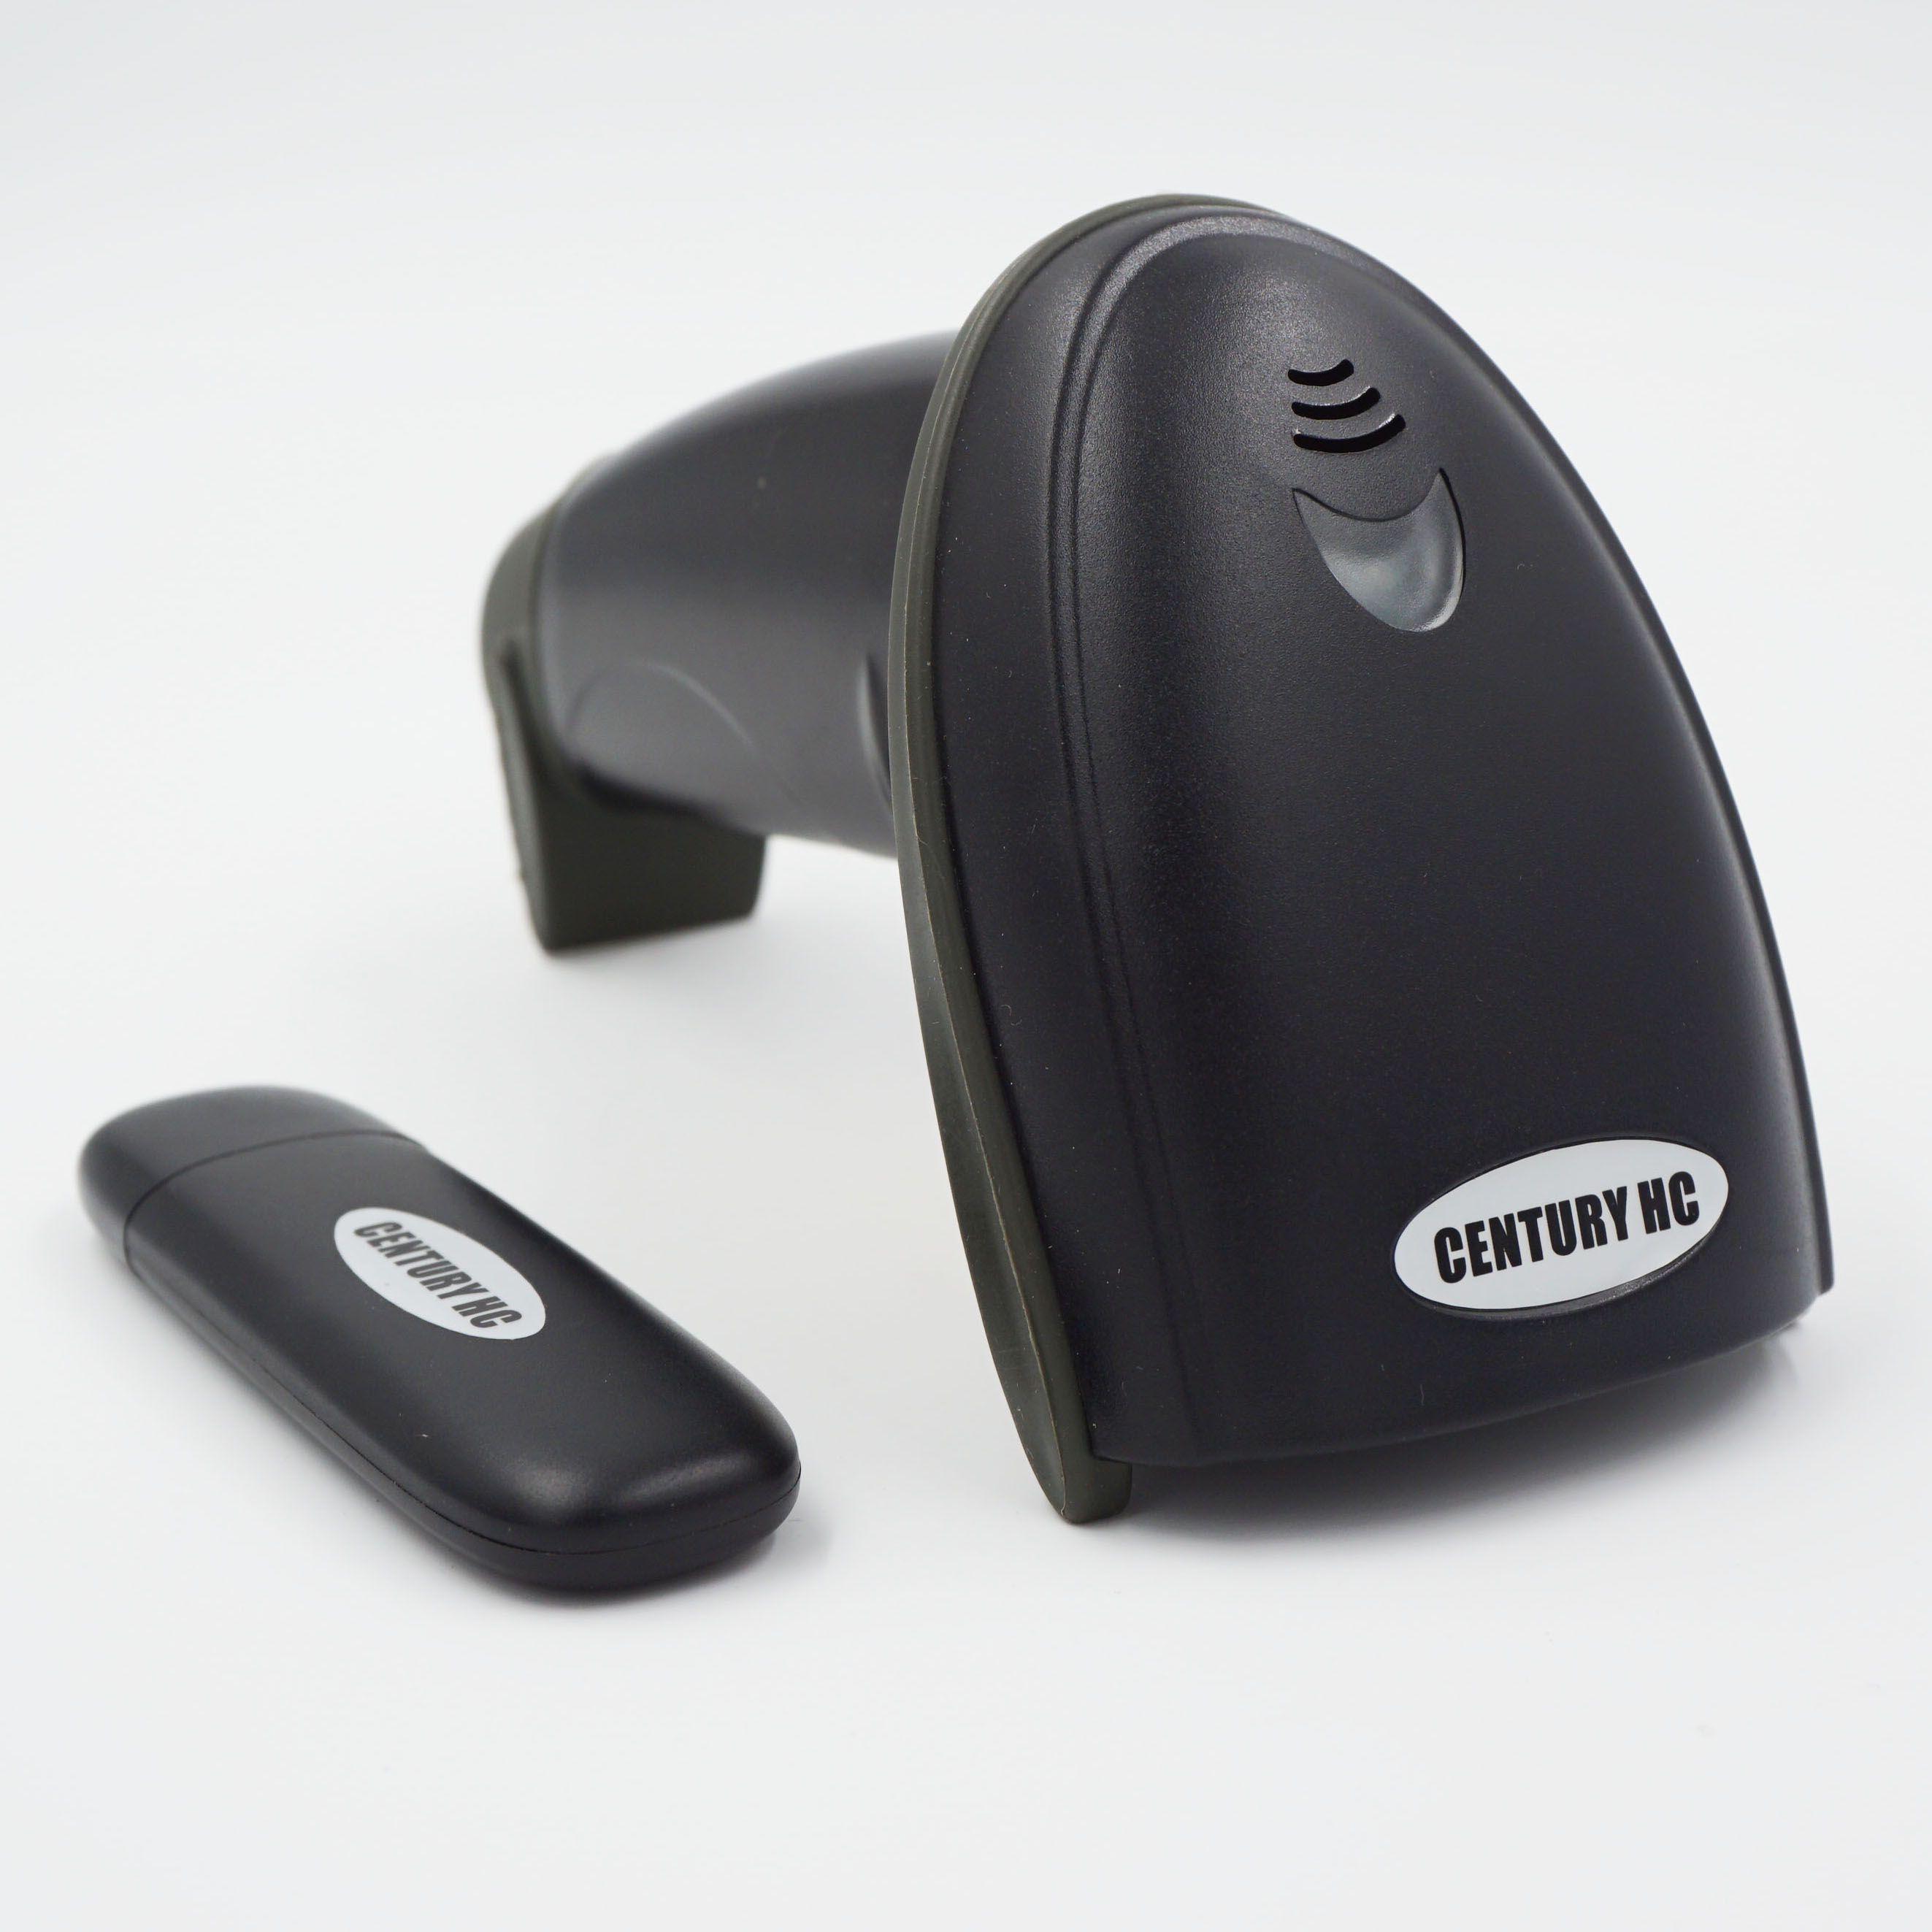 BSW2401 Kabelloser Barcodescanner mit hoher Geschwindigkeit und Akku